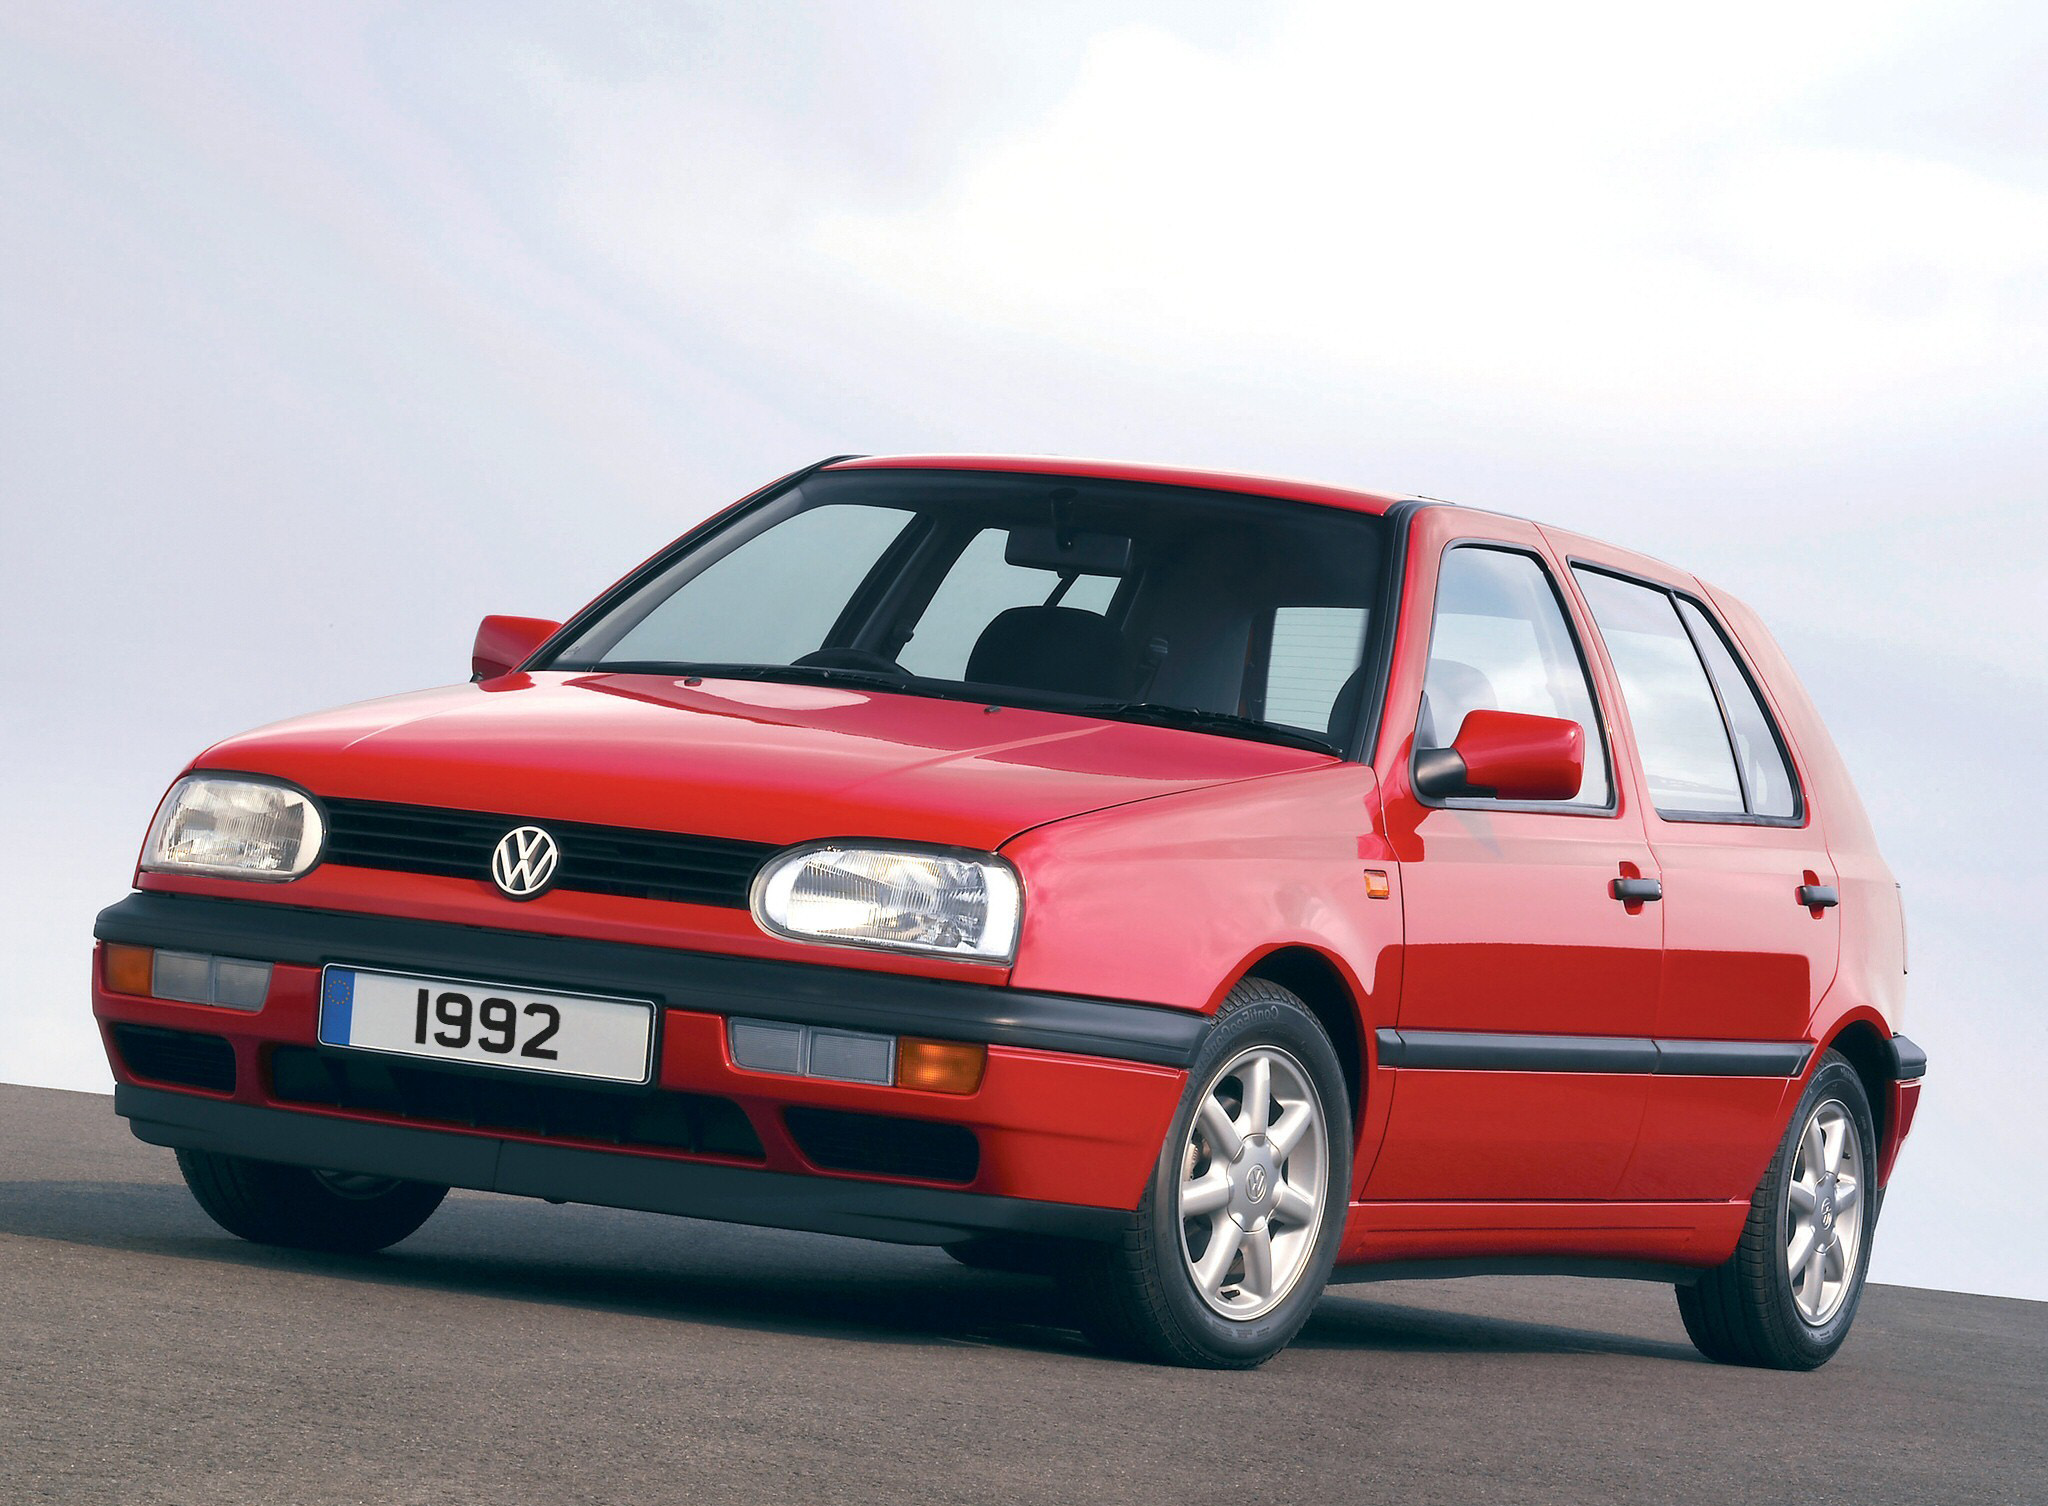 Volkswagen Golf (1992)